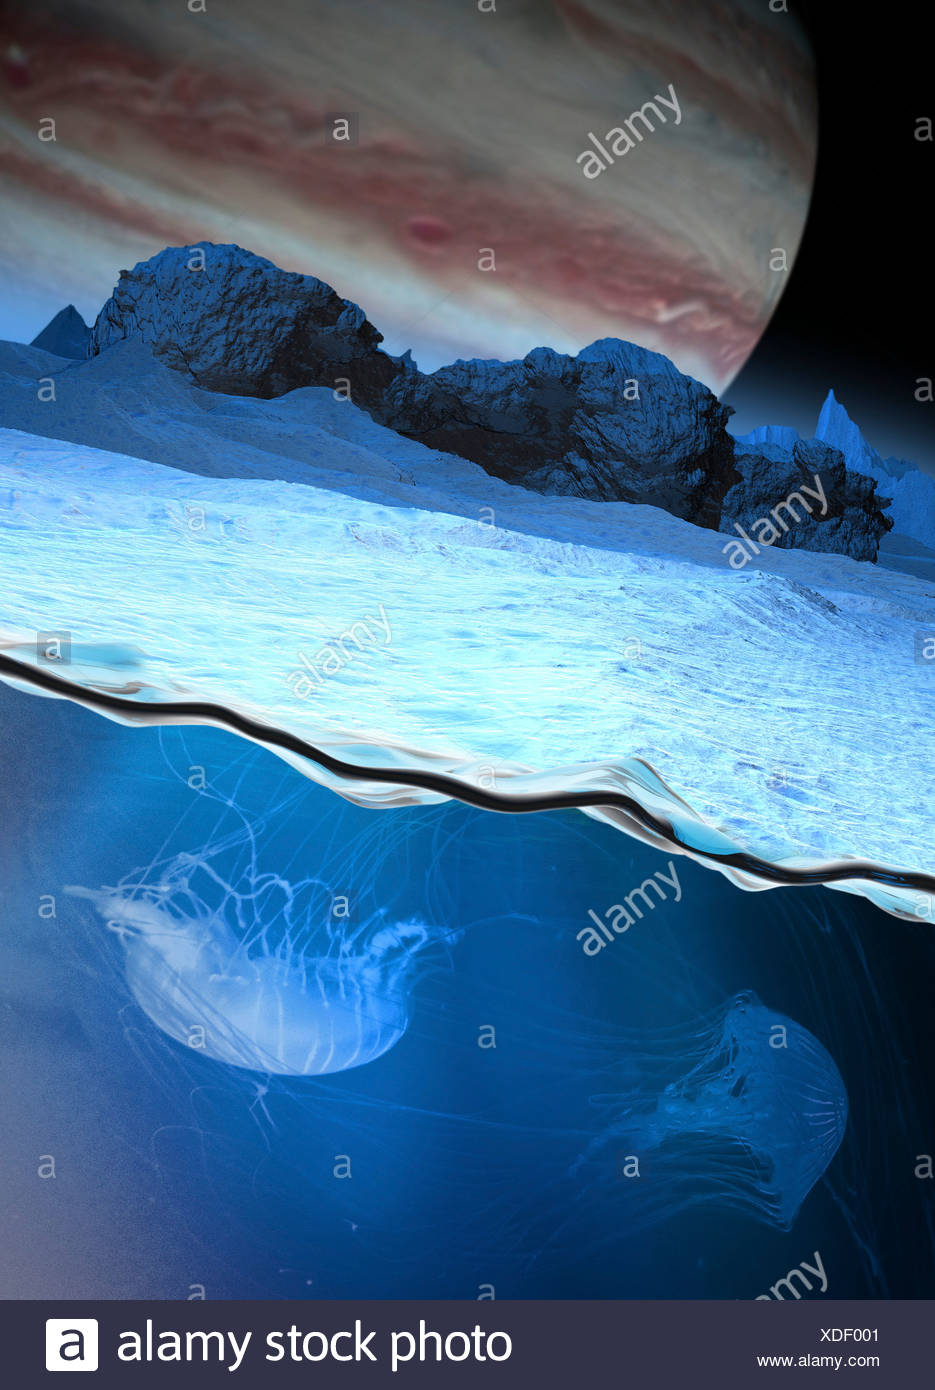 Alien life, artwork - Stock Image